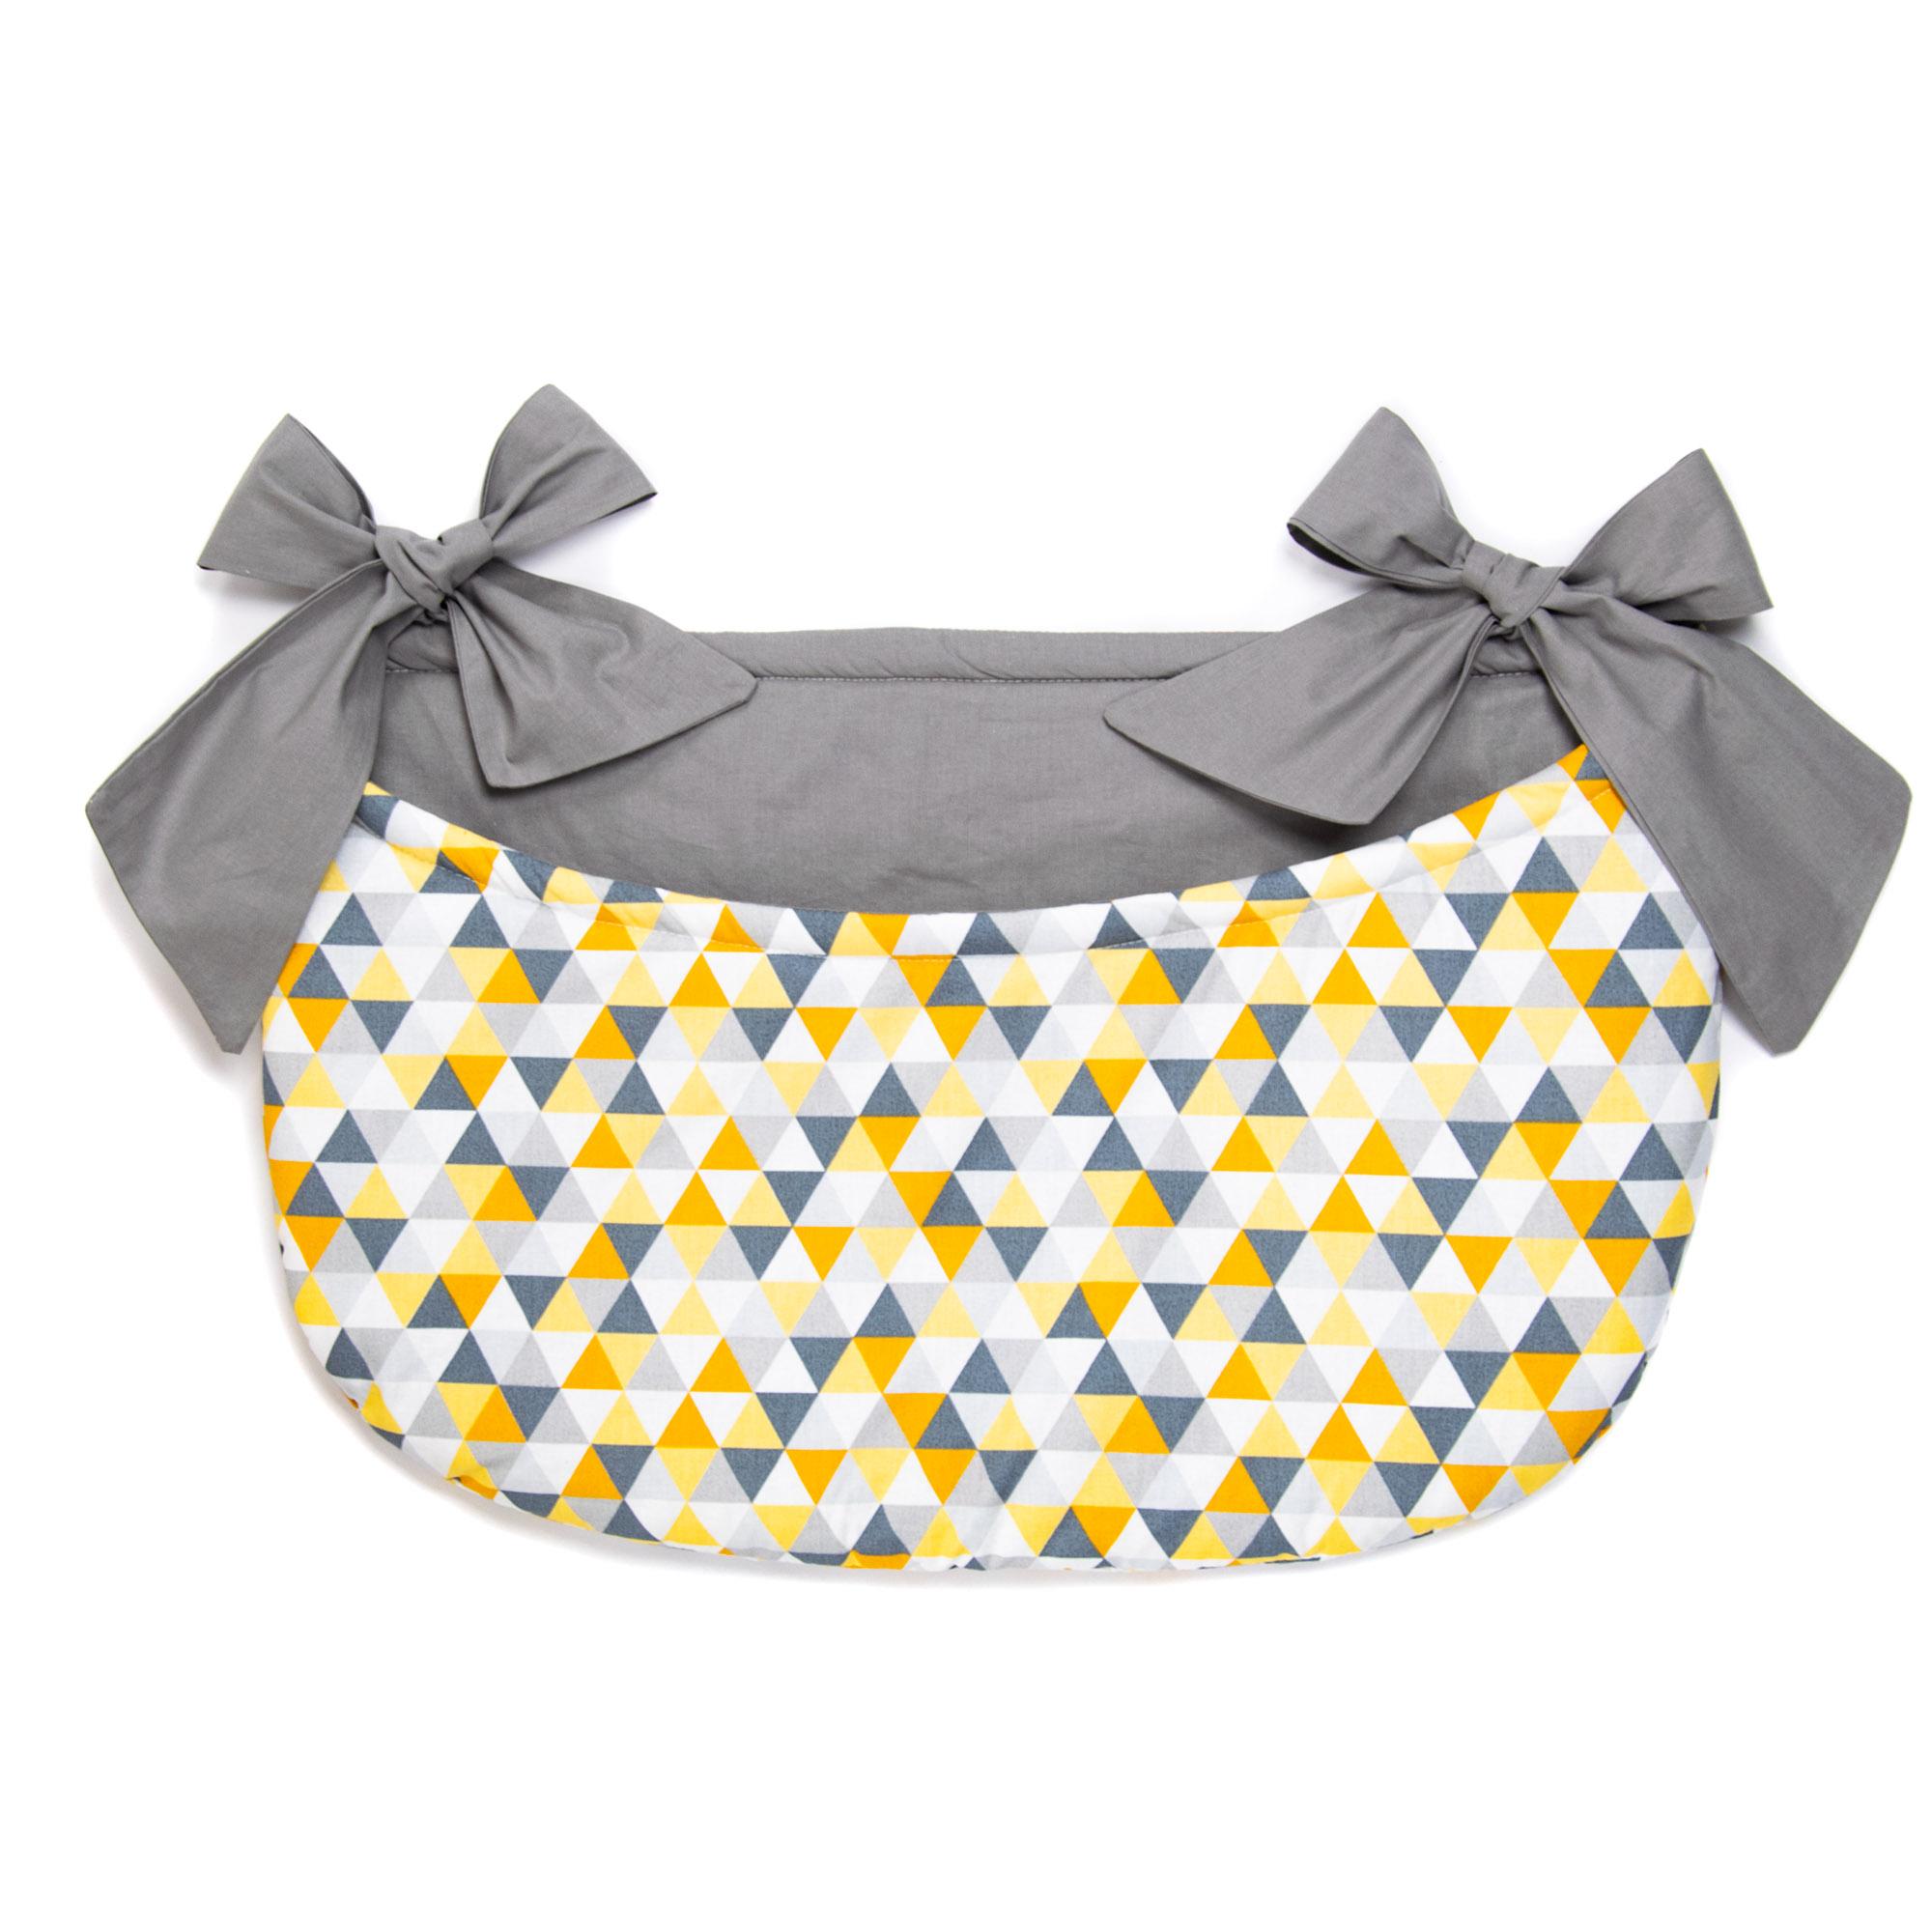 Betttasche Spielzeugtasche Design63